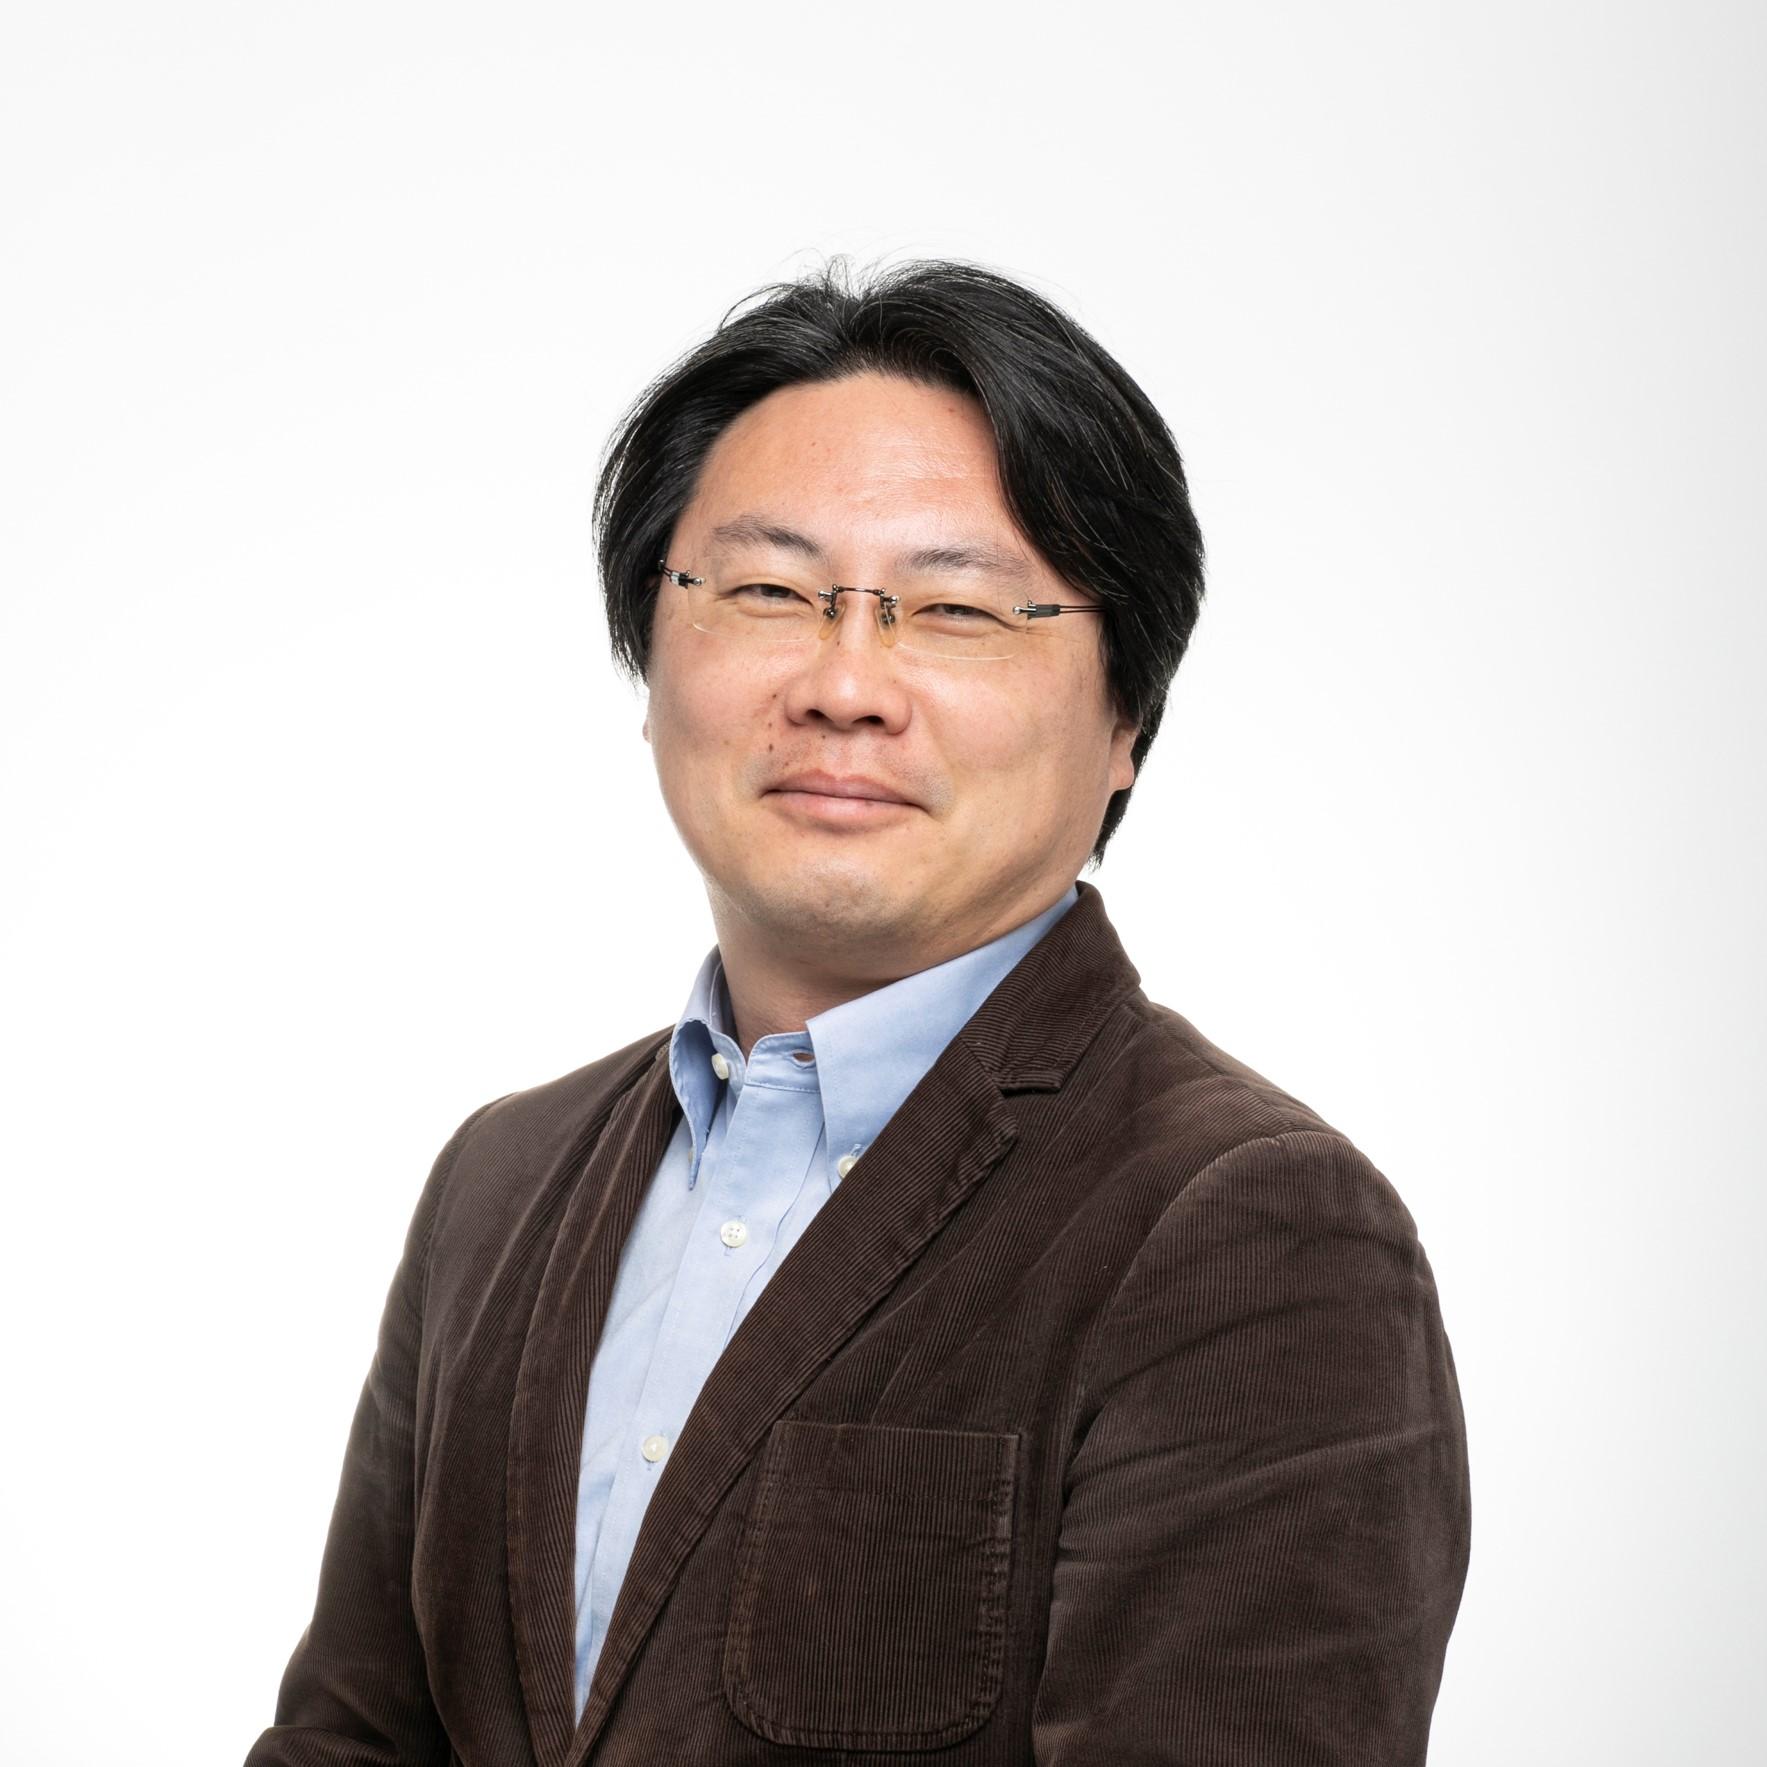 Seiji Hoshino